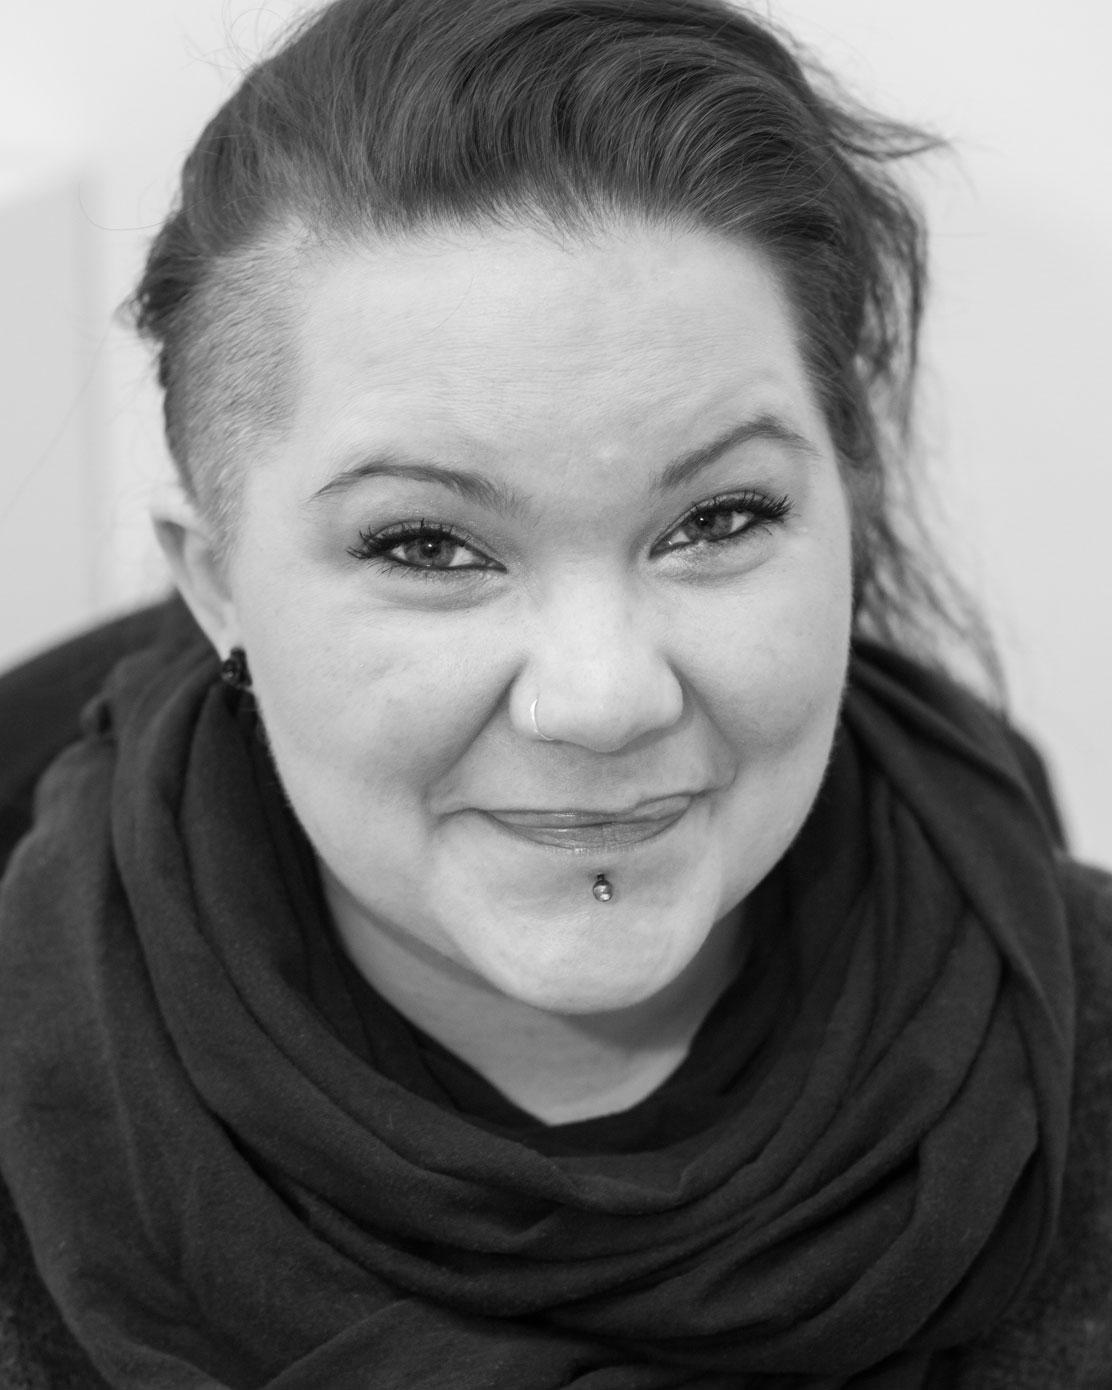 Annika Norberg Landin